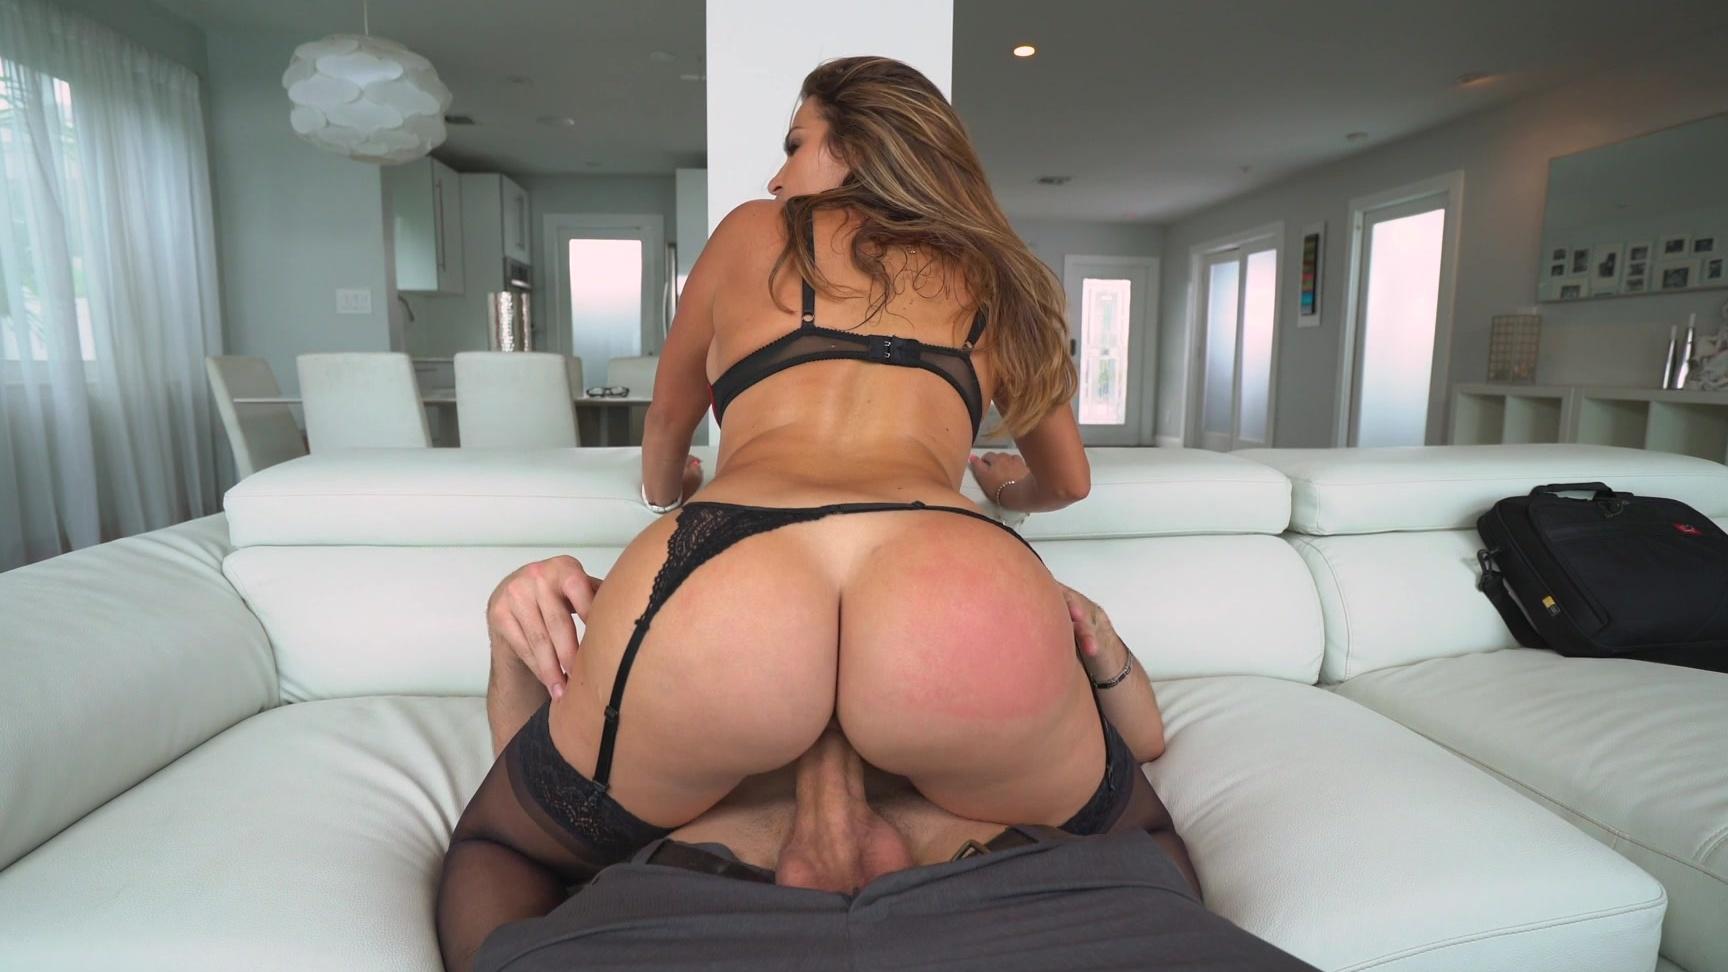 Cumming on bf ass